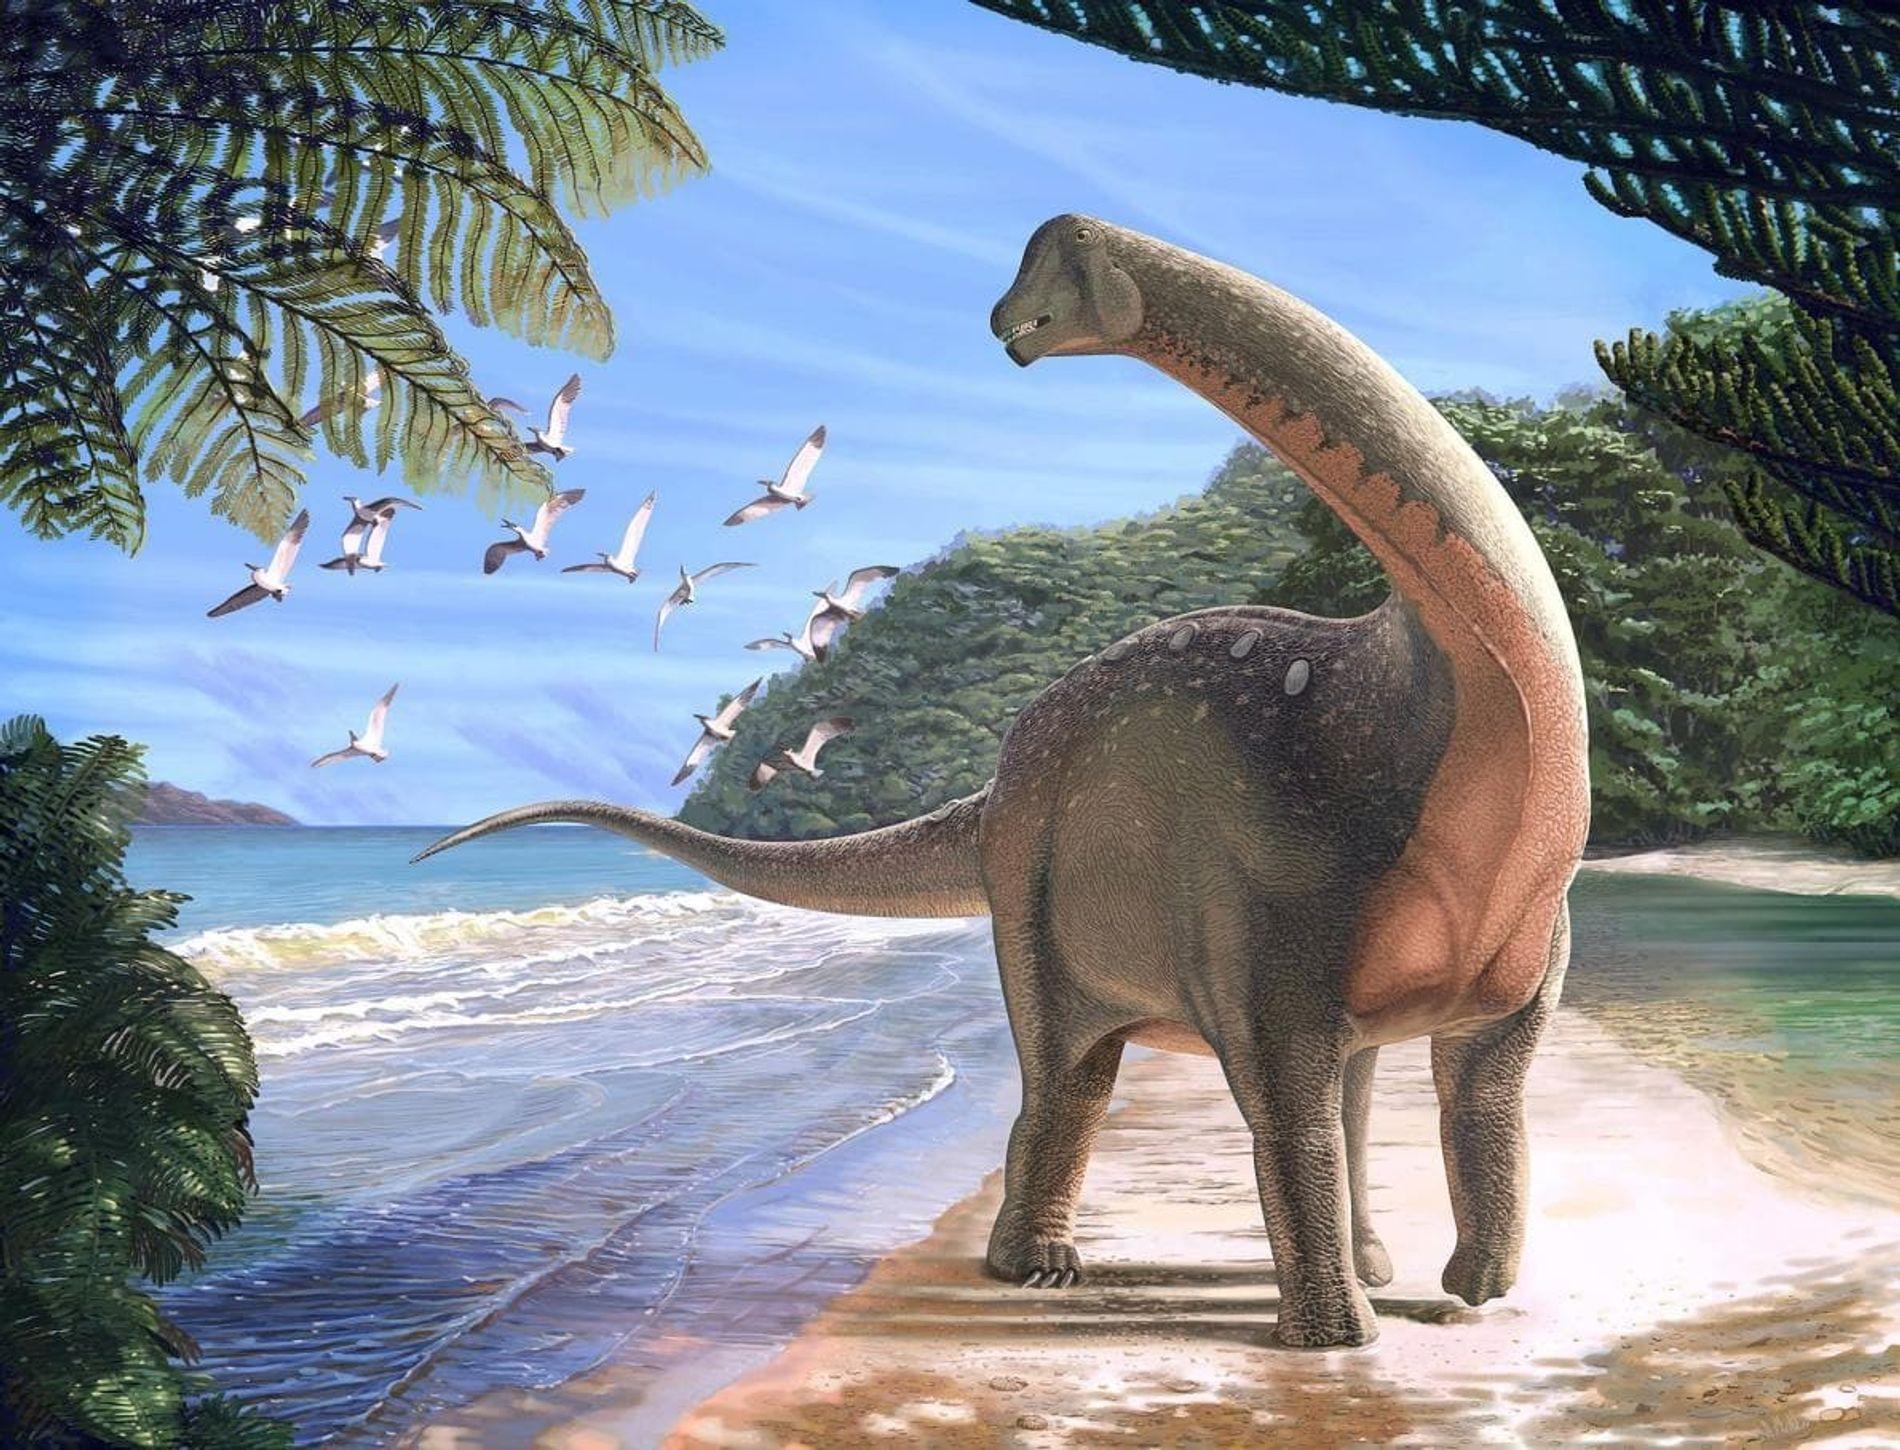 Le nouveau dinosaure, Mansourasaurus shahinae, représenté sur une plage de l'actuel désert égyptien, il y a environ 80 millions d'années.